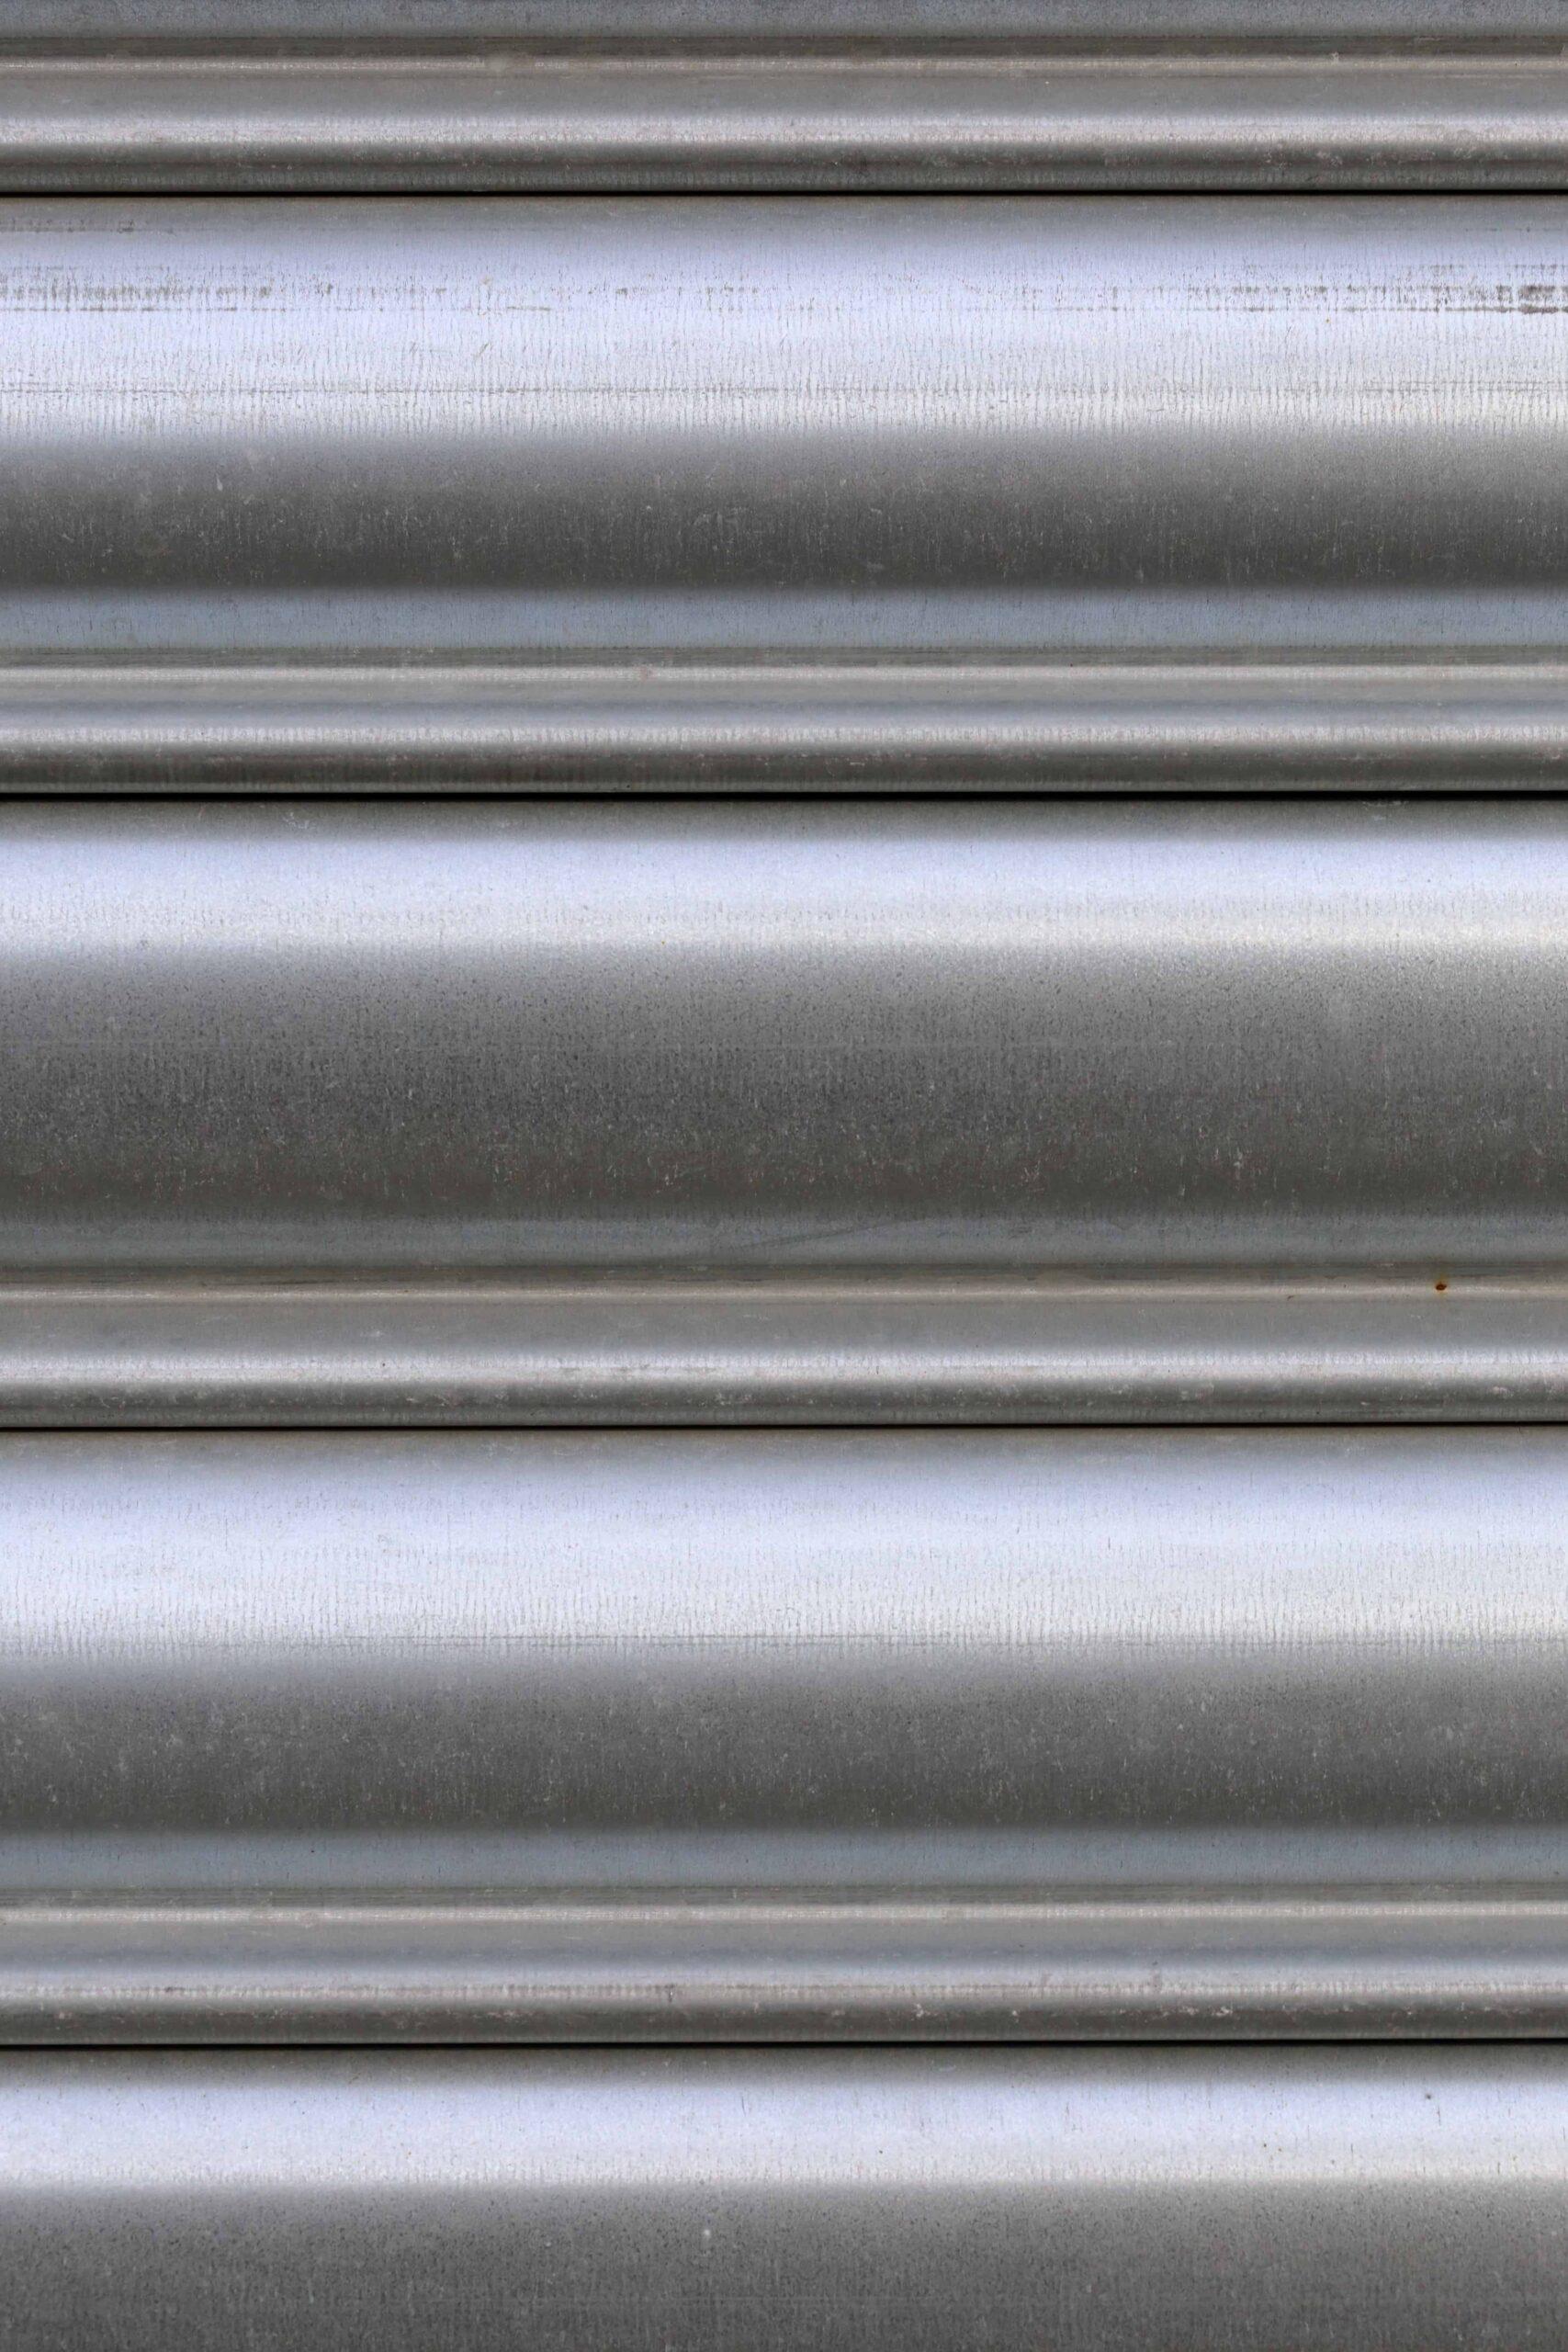 materiales para mecánica de precisión